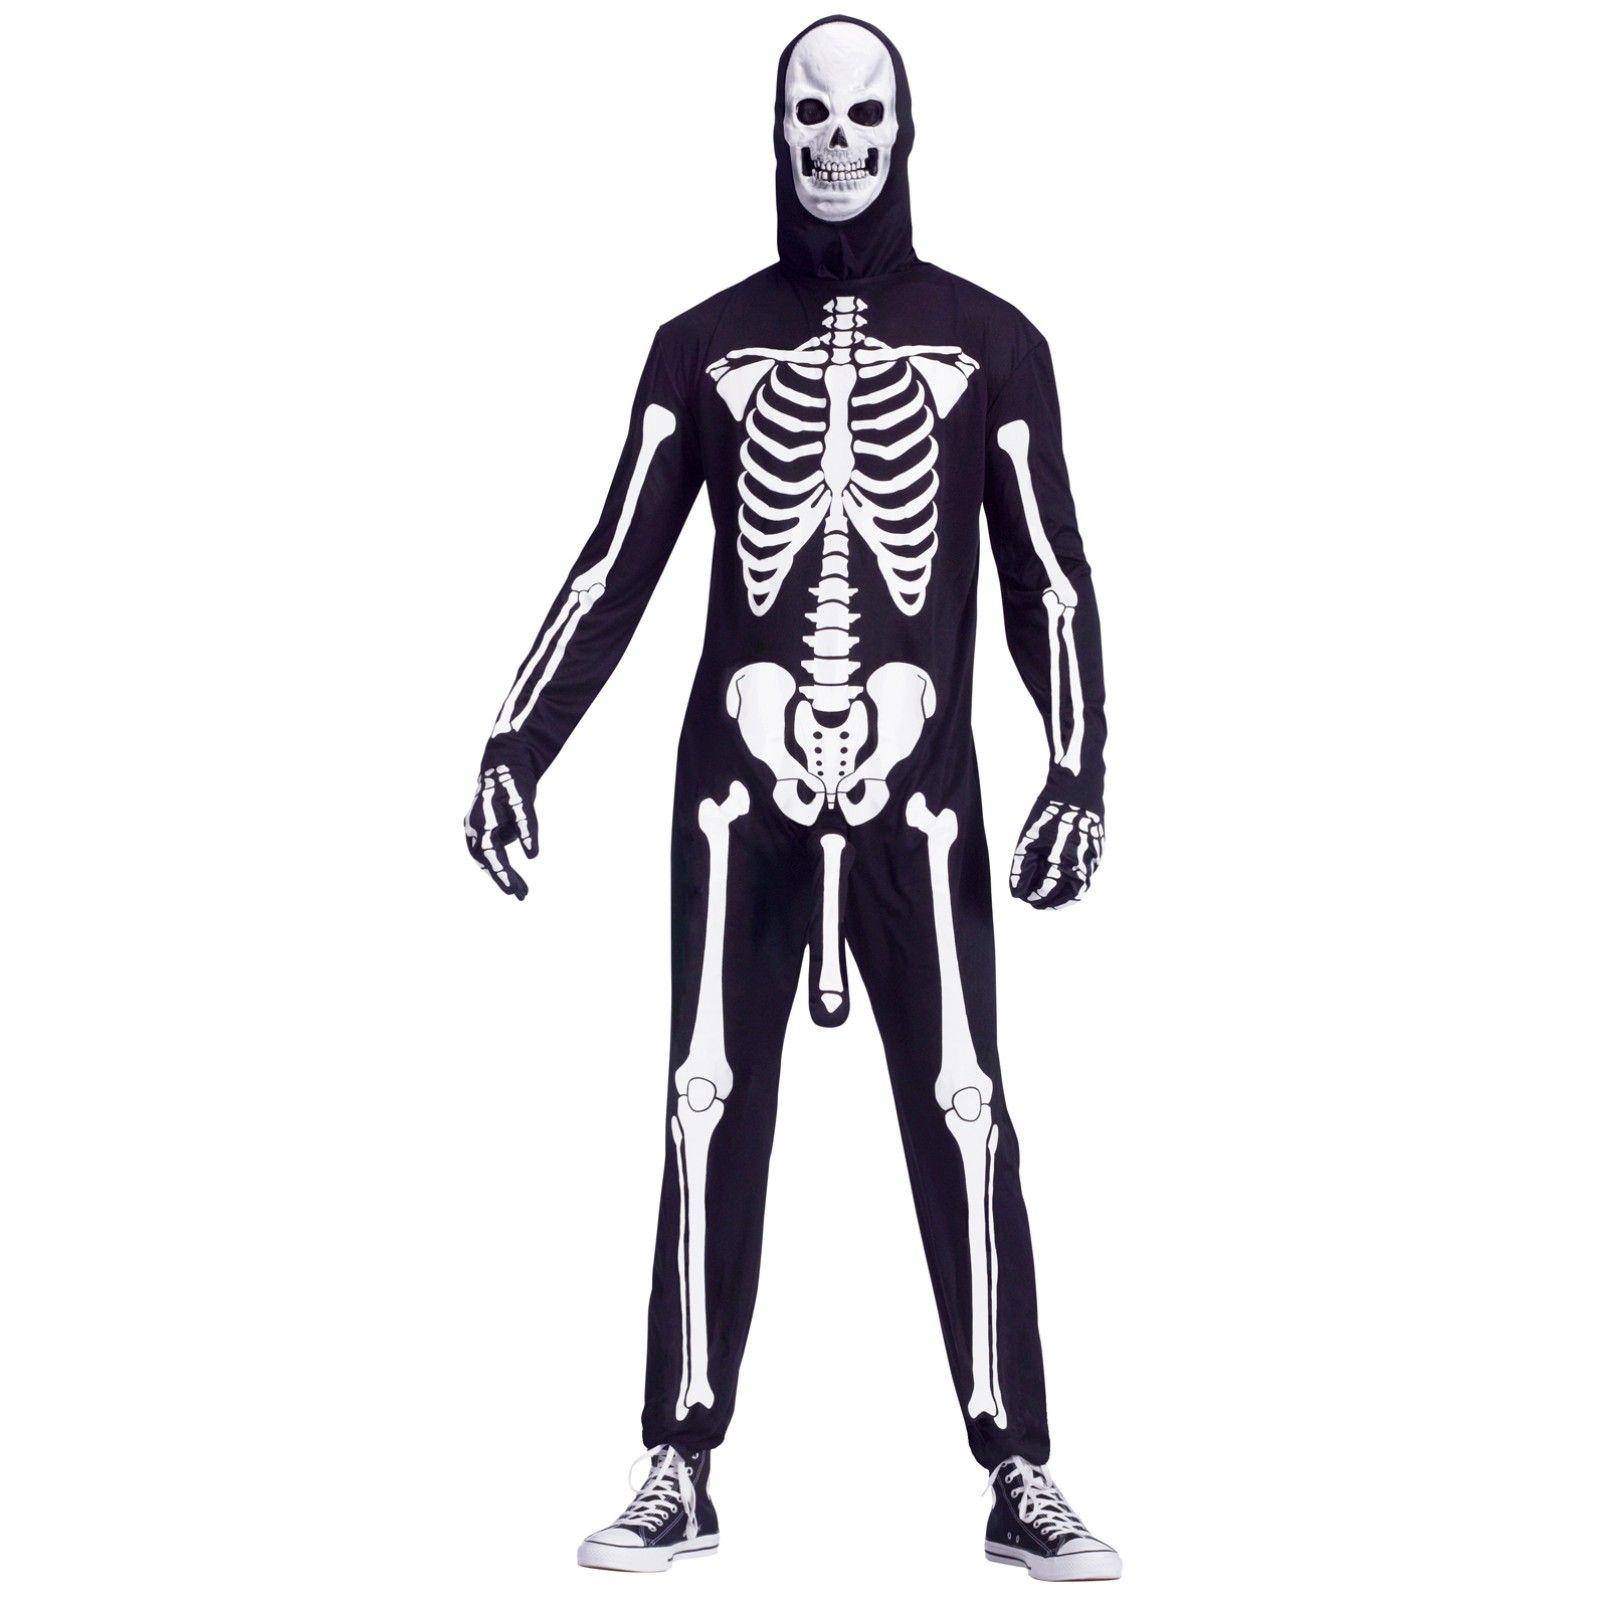 доске картинка для кощея кости и скелет пятницу хорошо